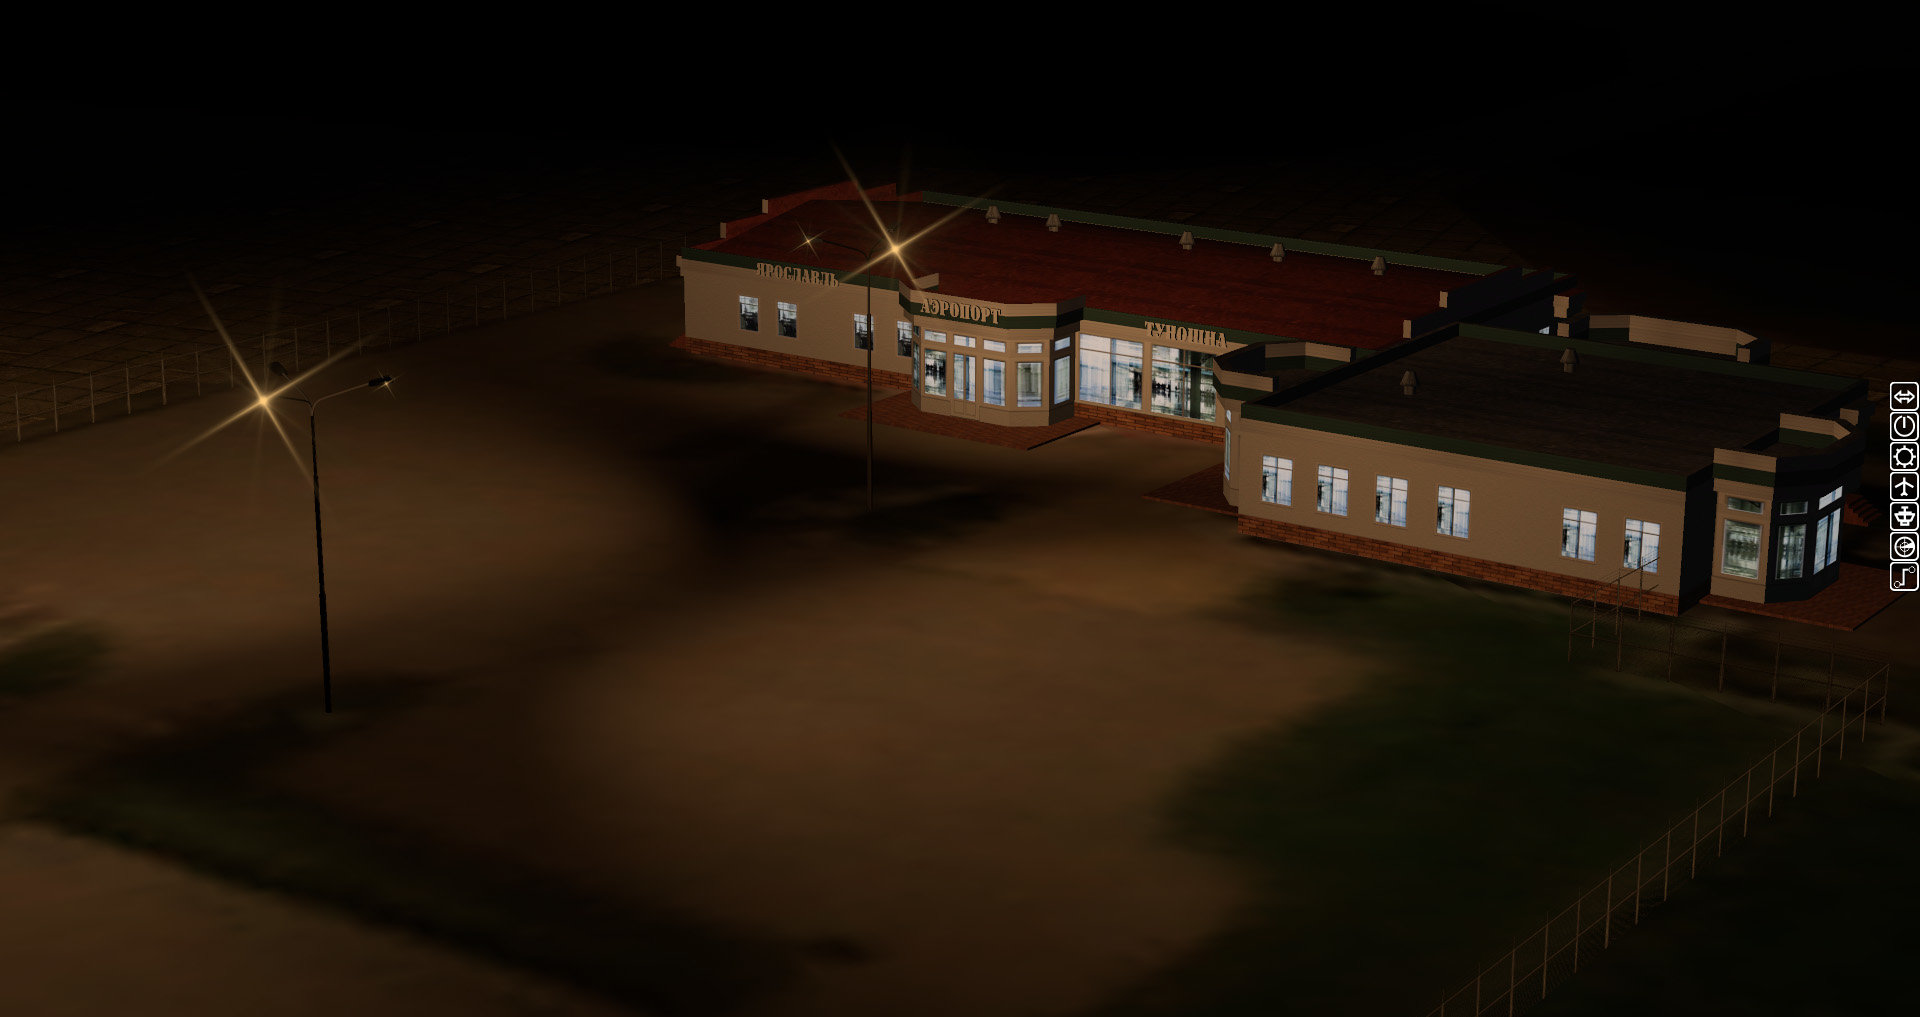 terminal_night.jpg.3173bed8c97b890f46b1fda546b7fa54.jpg